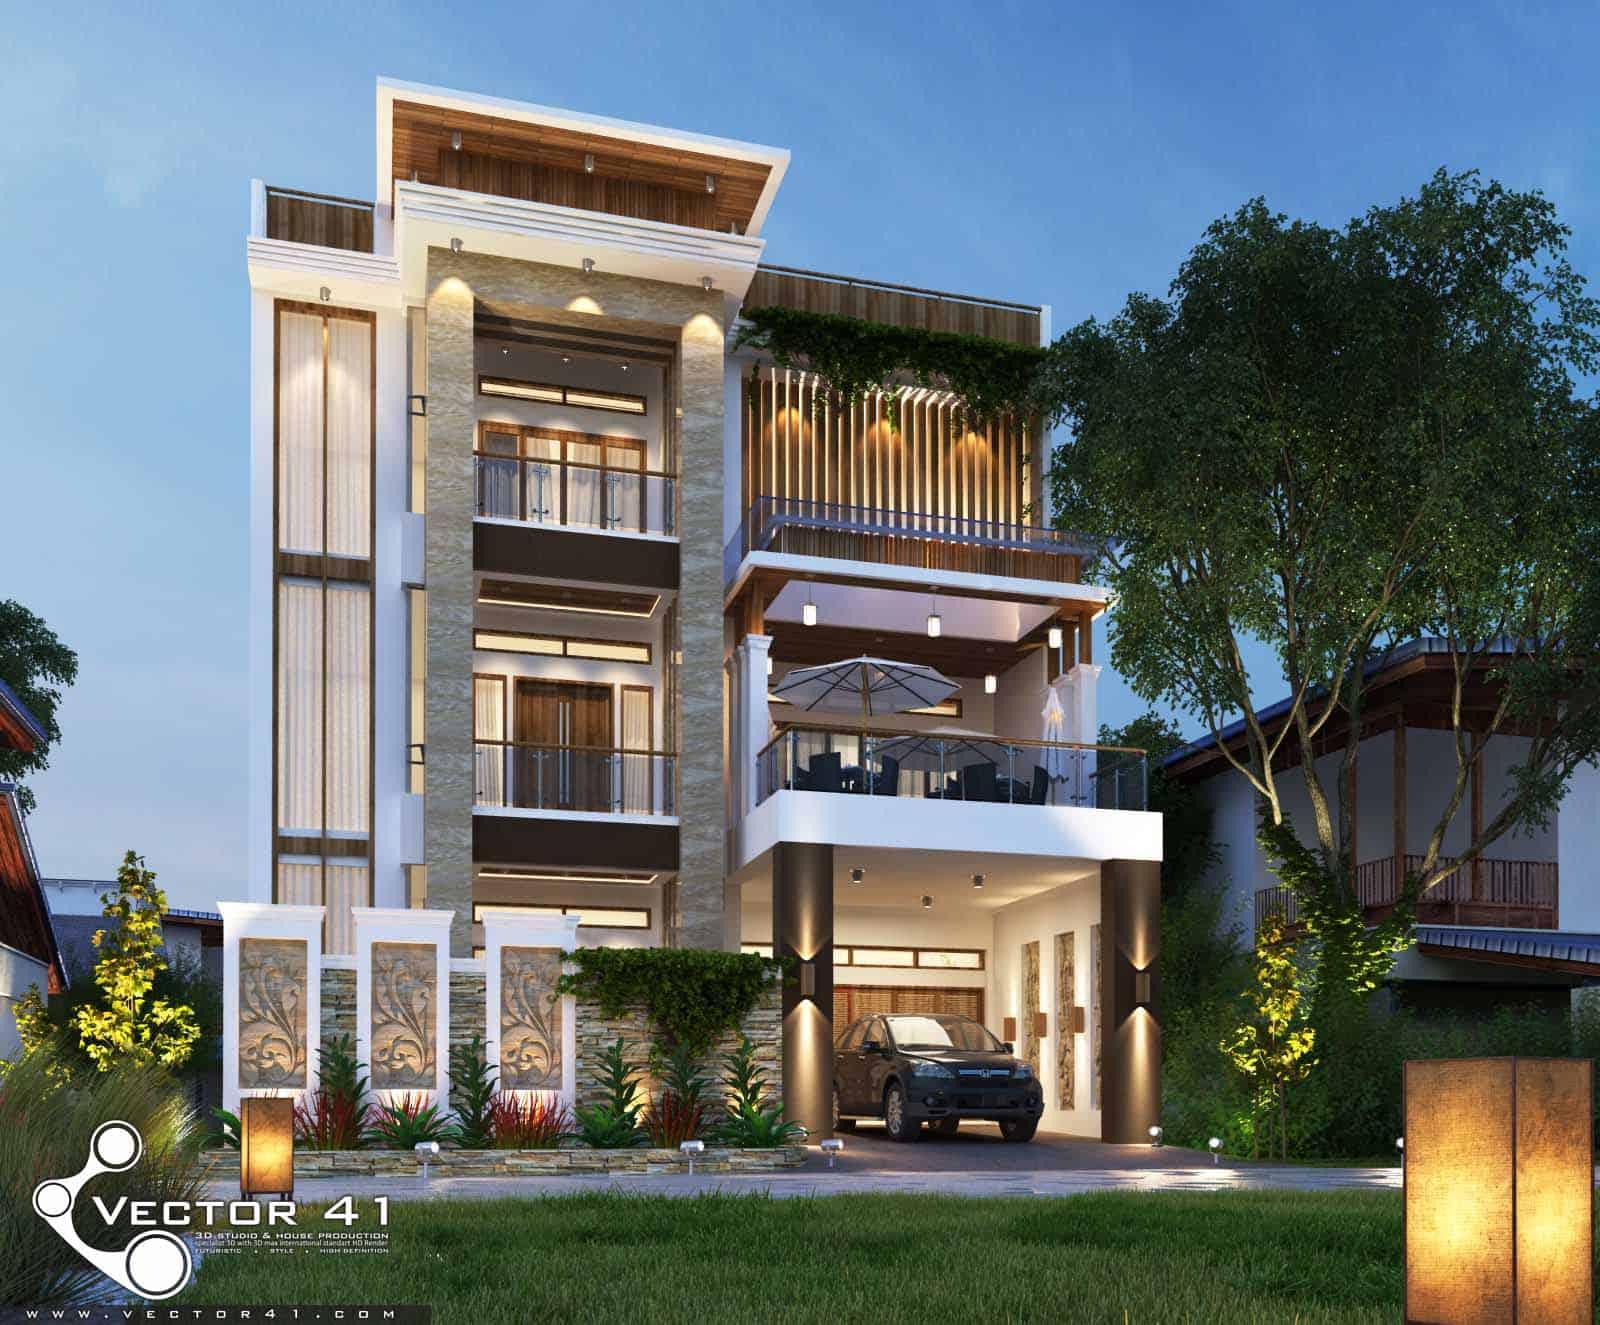 Desain Rumah 3 Lantai Mr. Fitri - MEDAN   VECTOR 41 ARSITEK